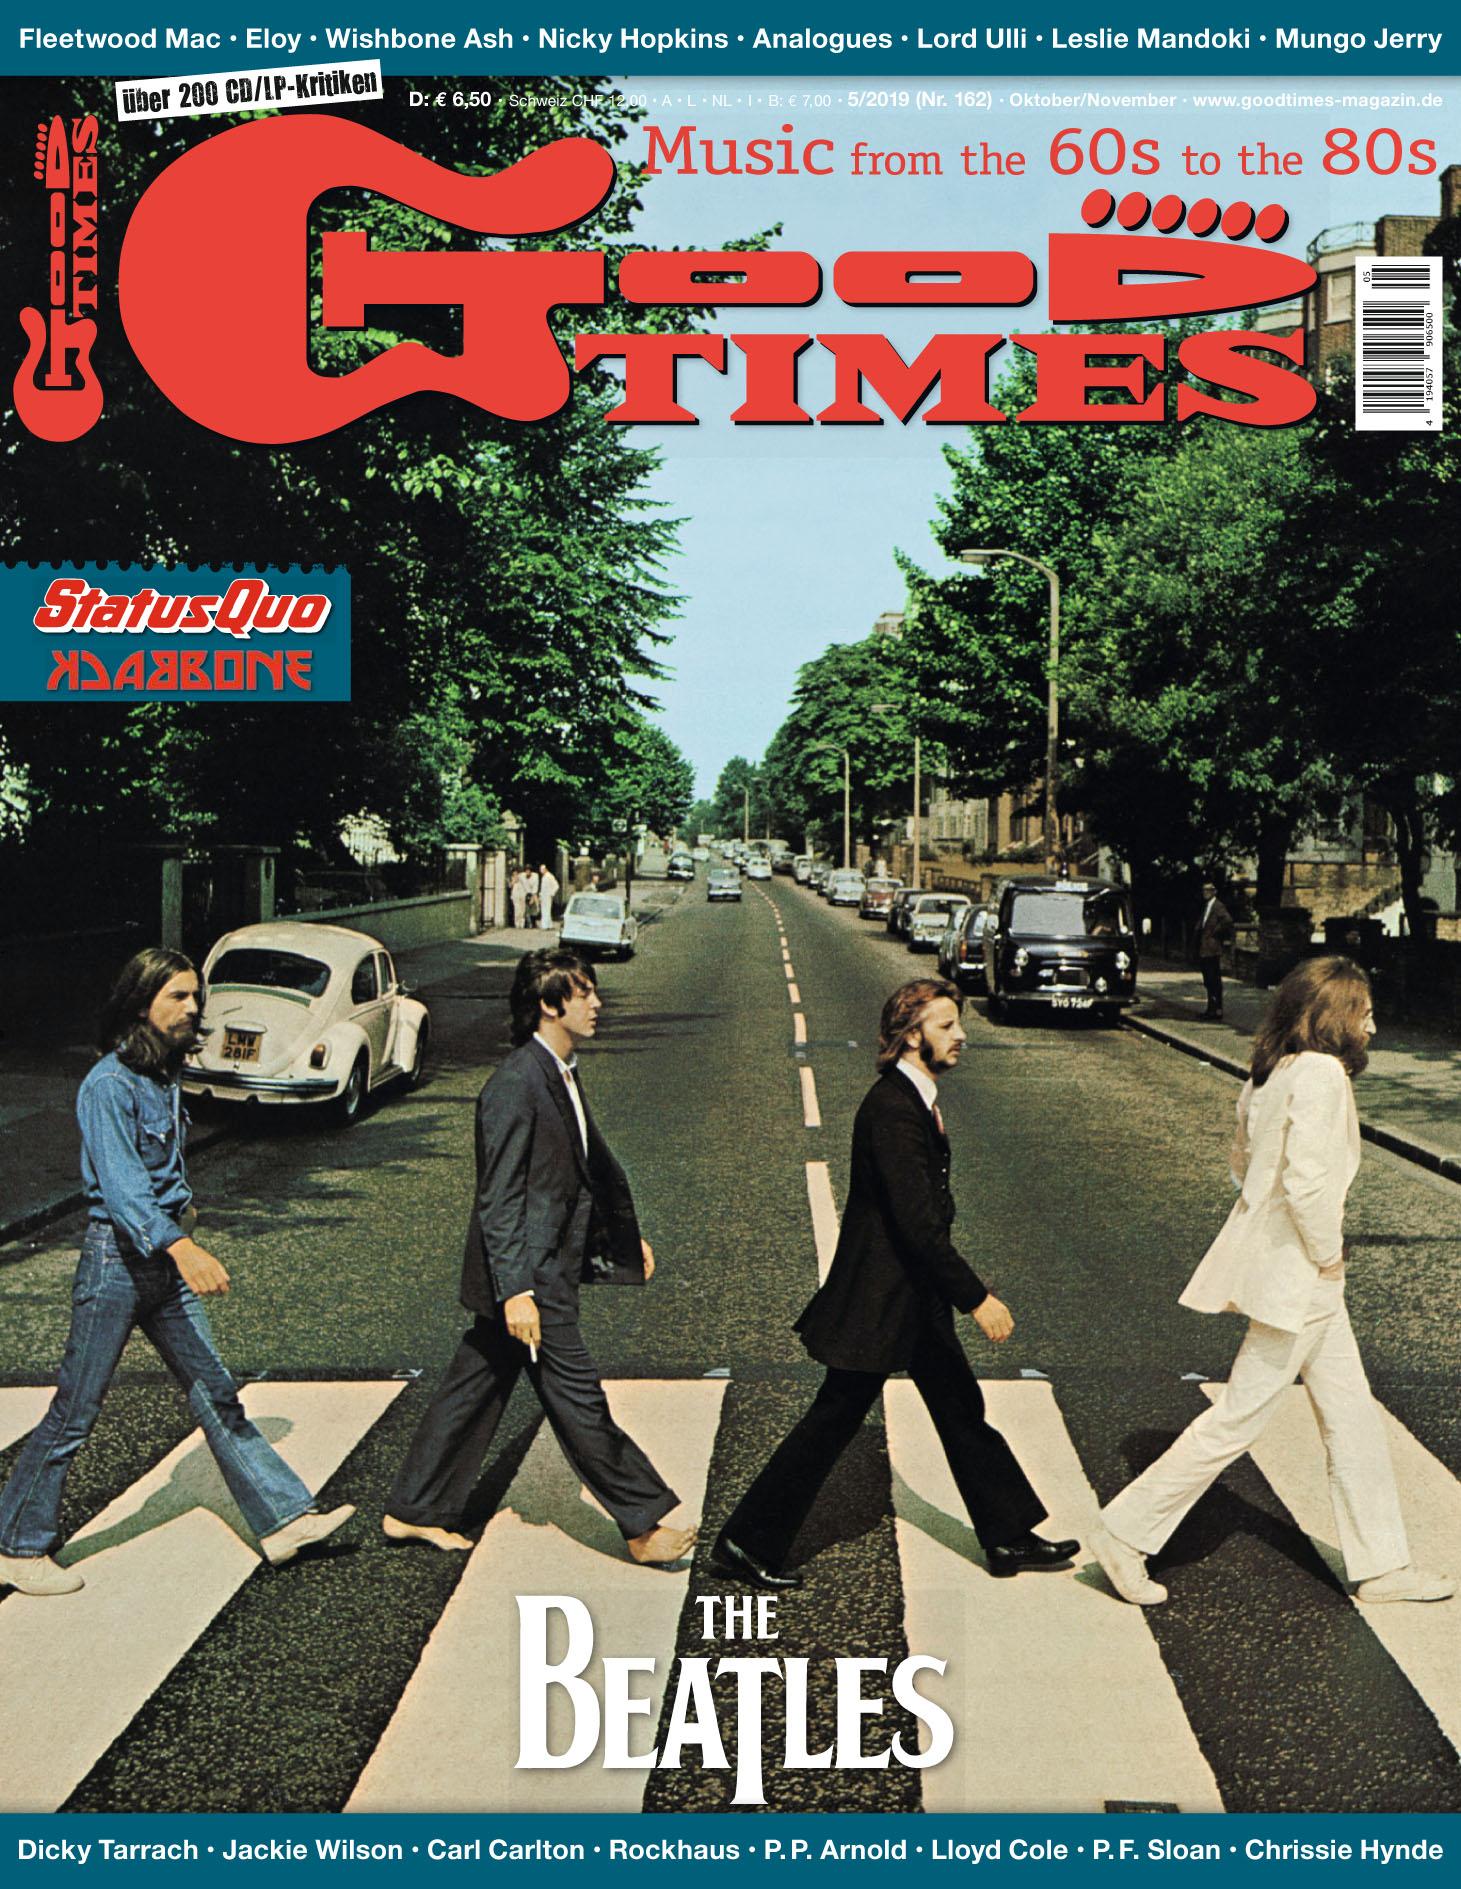 Good Times 2019-10-11 Beatles 01.jpg